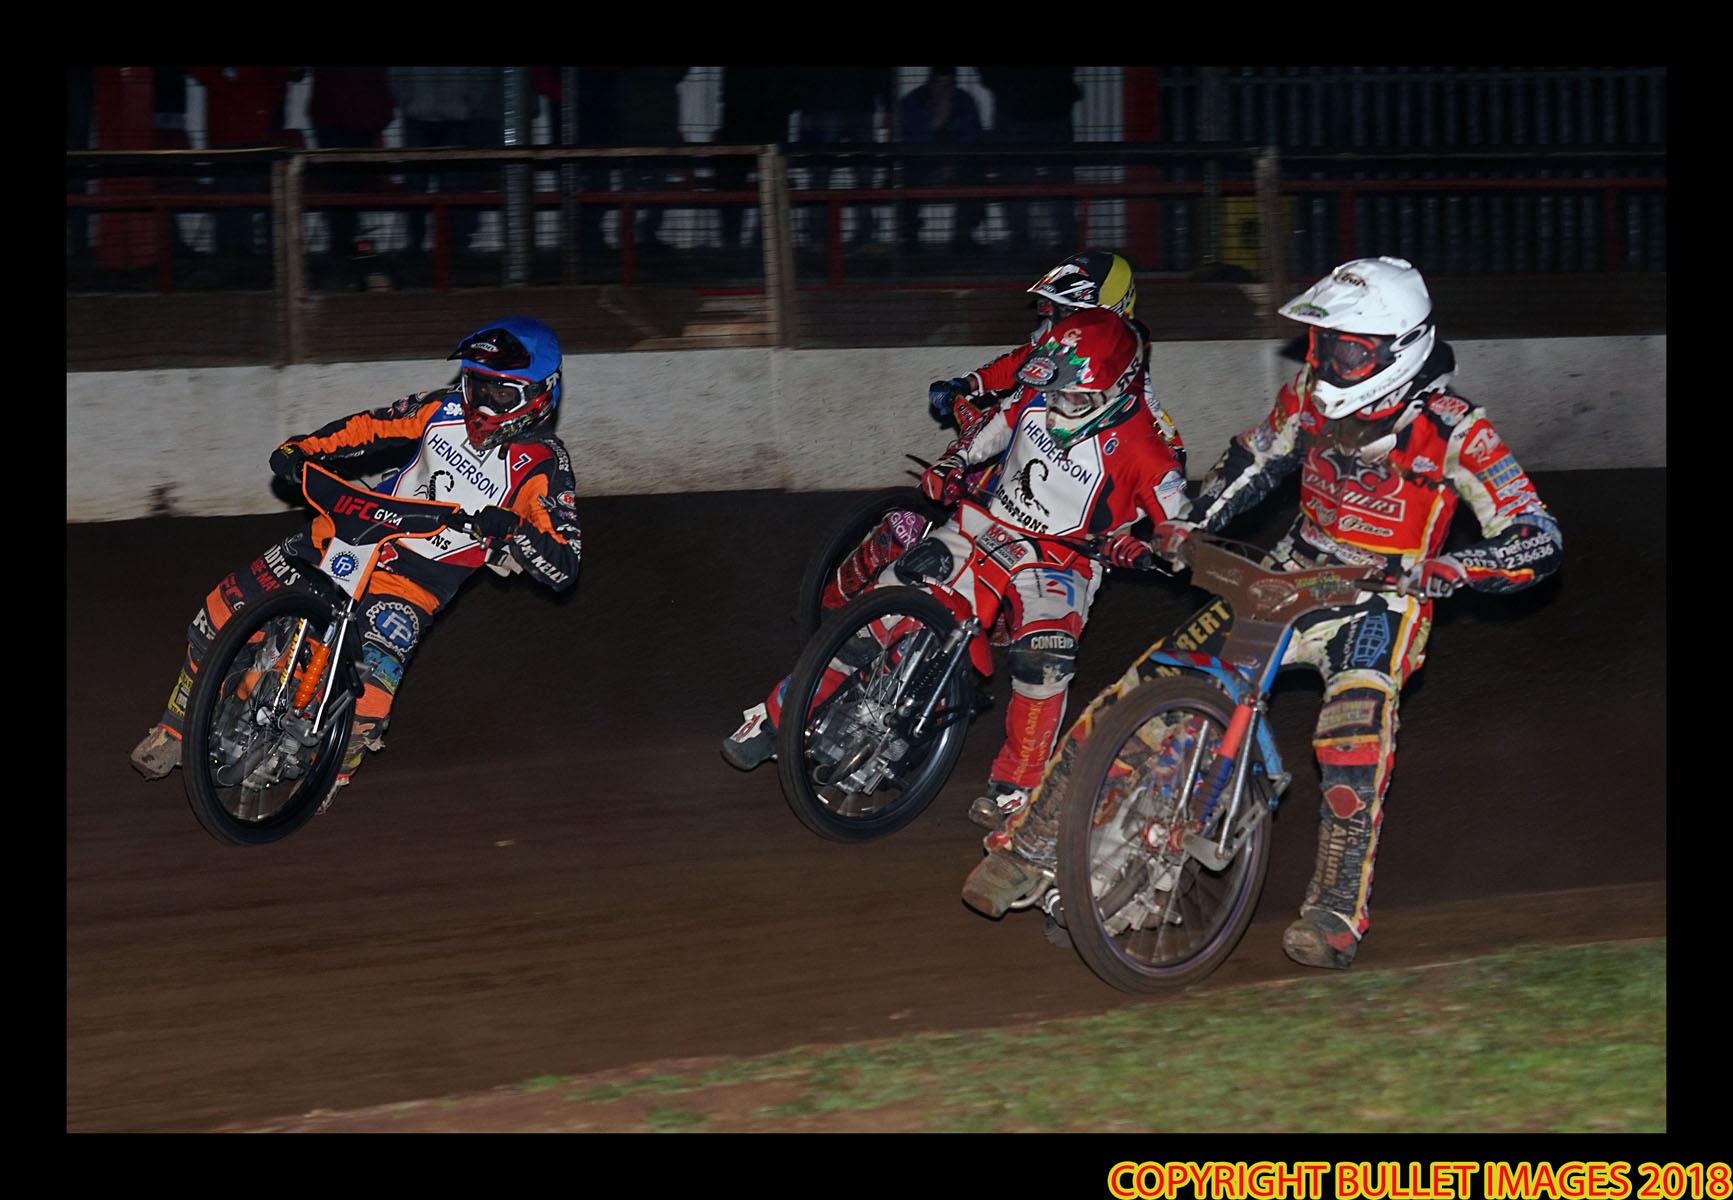 01. Gino winning ht 2